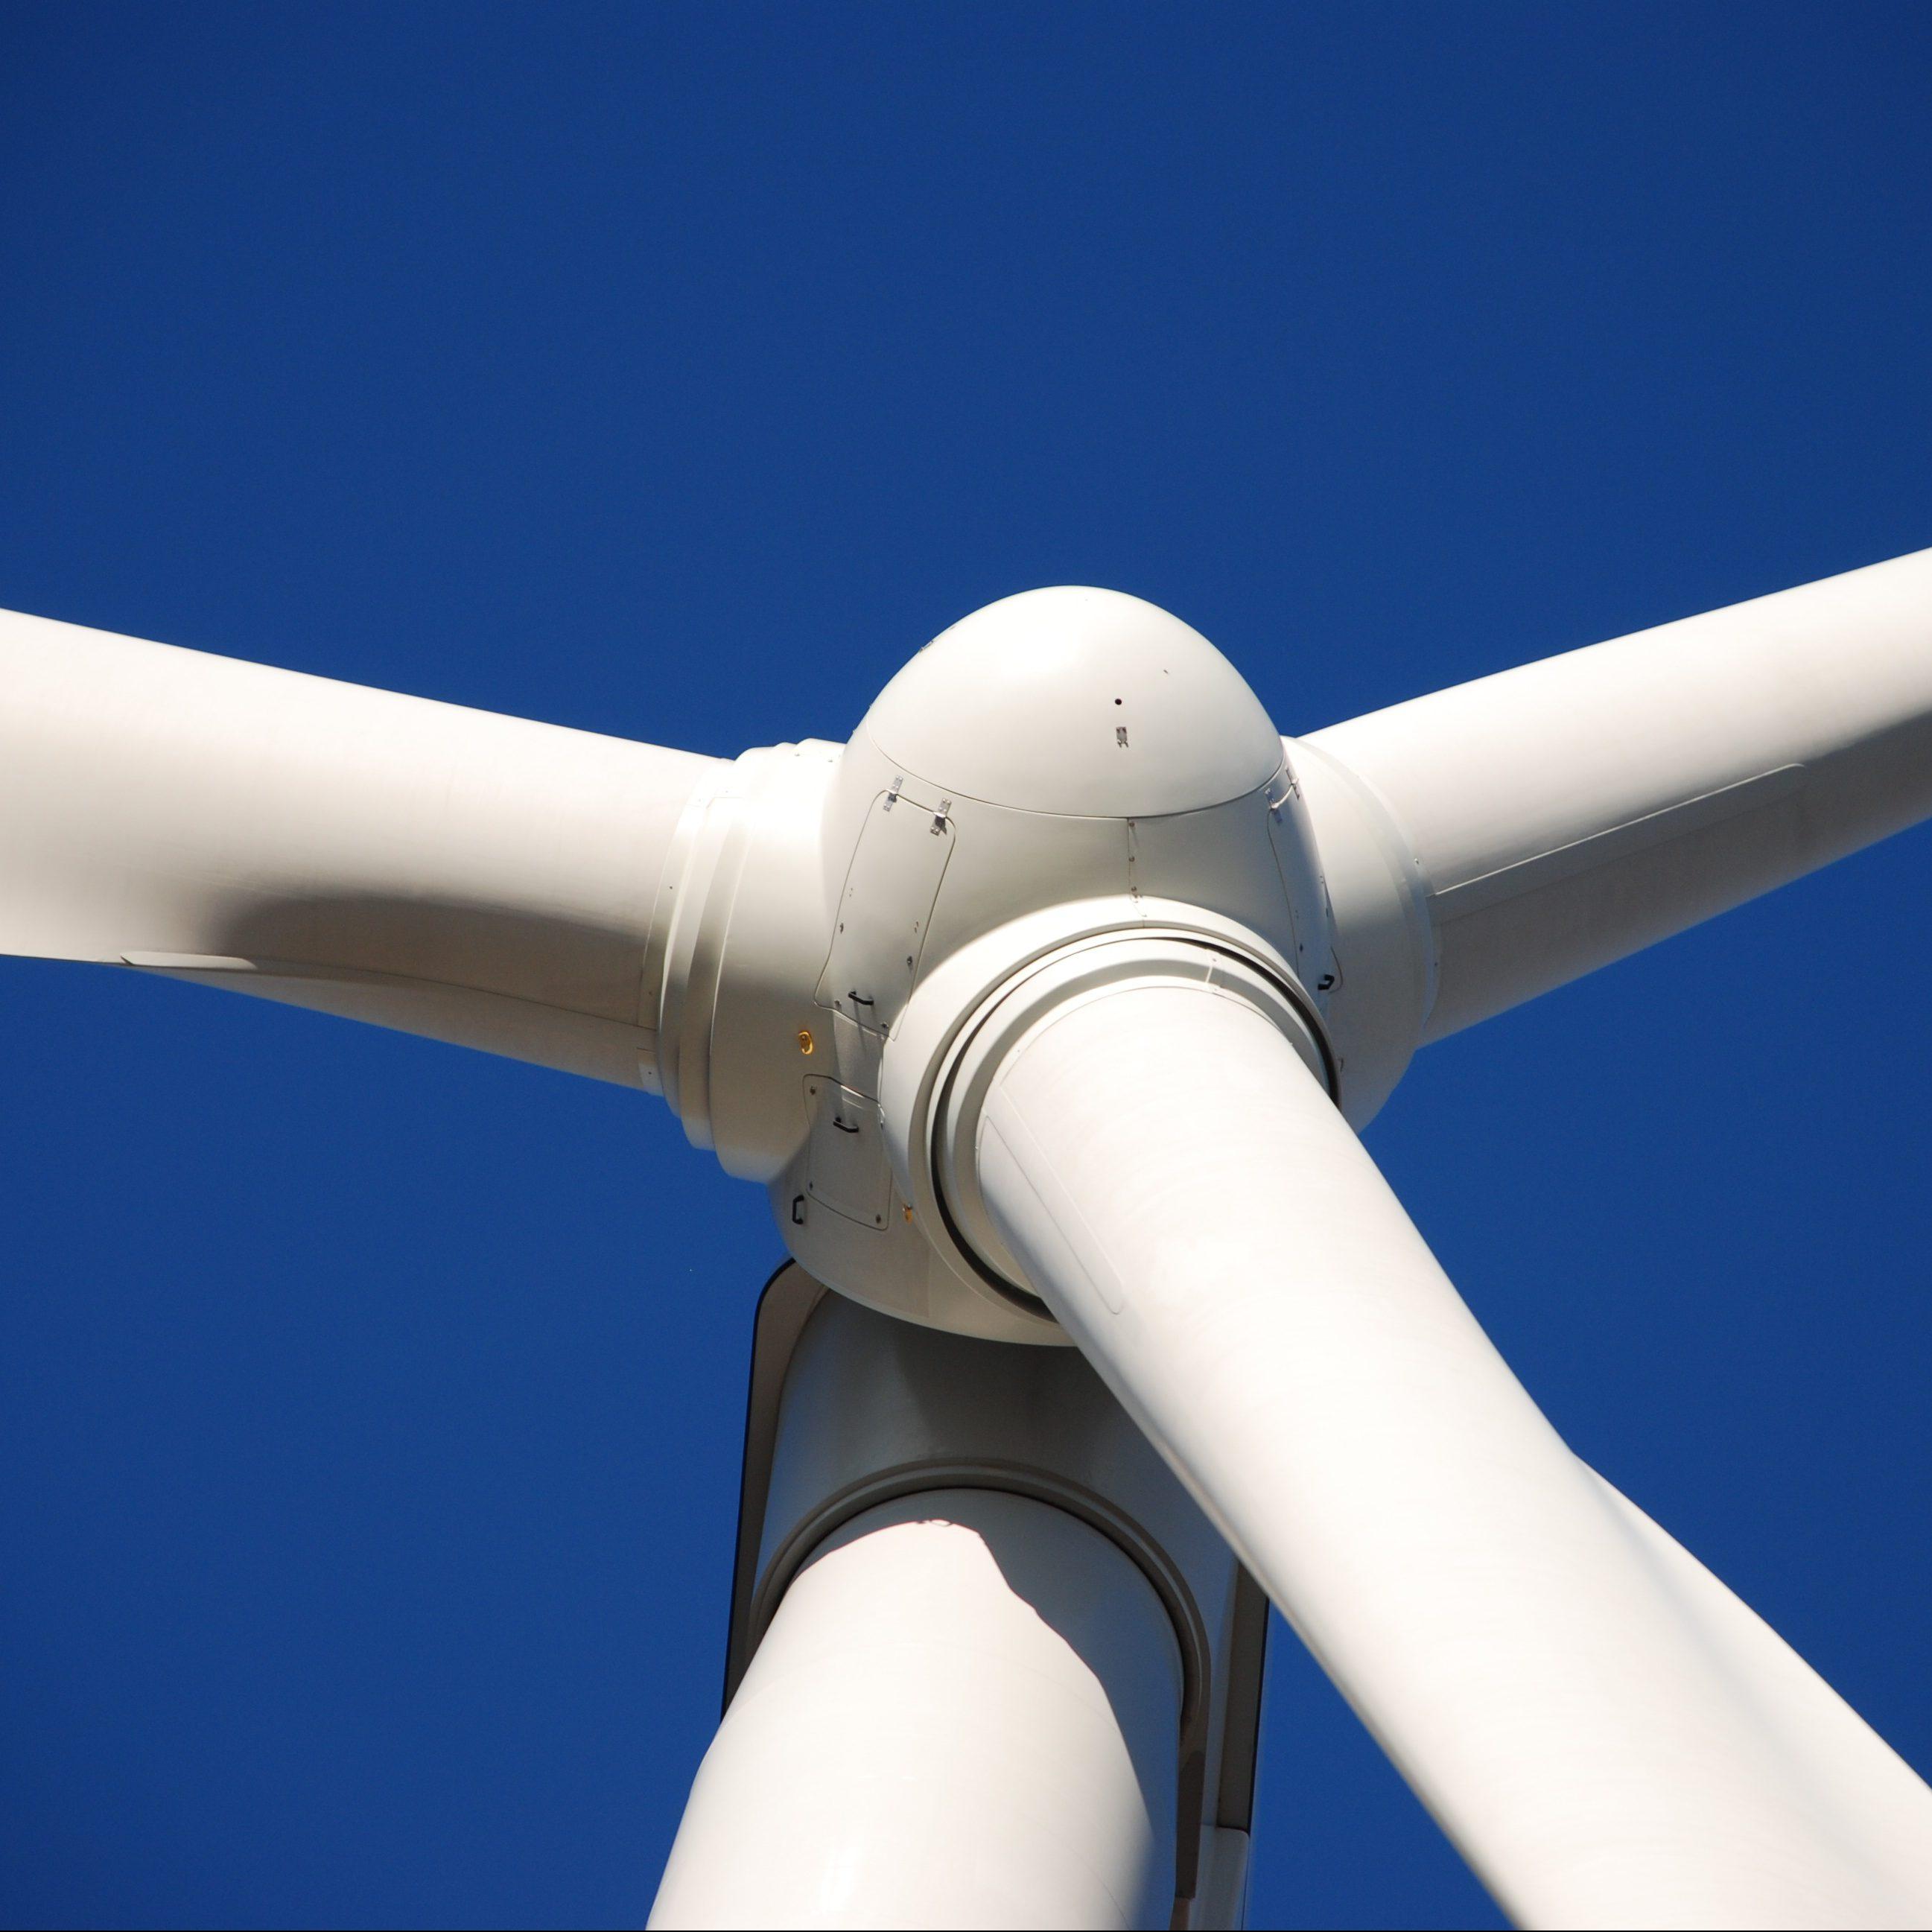 Gesetz über die Beteiligung von Bürgerinnen und Bürgern sowie Gemeinden an Windparks in Mecklenburg-Vorpommern – Eine juristische und ökonomische Einordnung des aktuellen Entwurfs